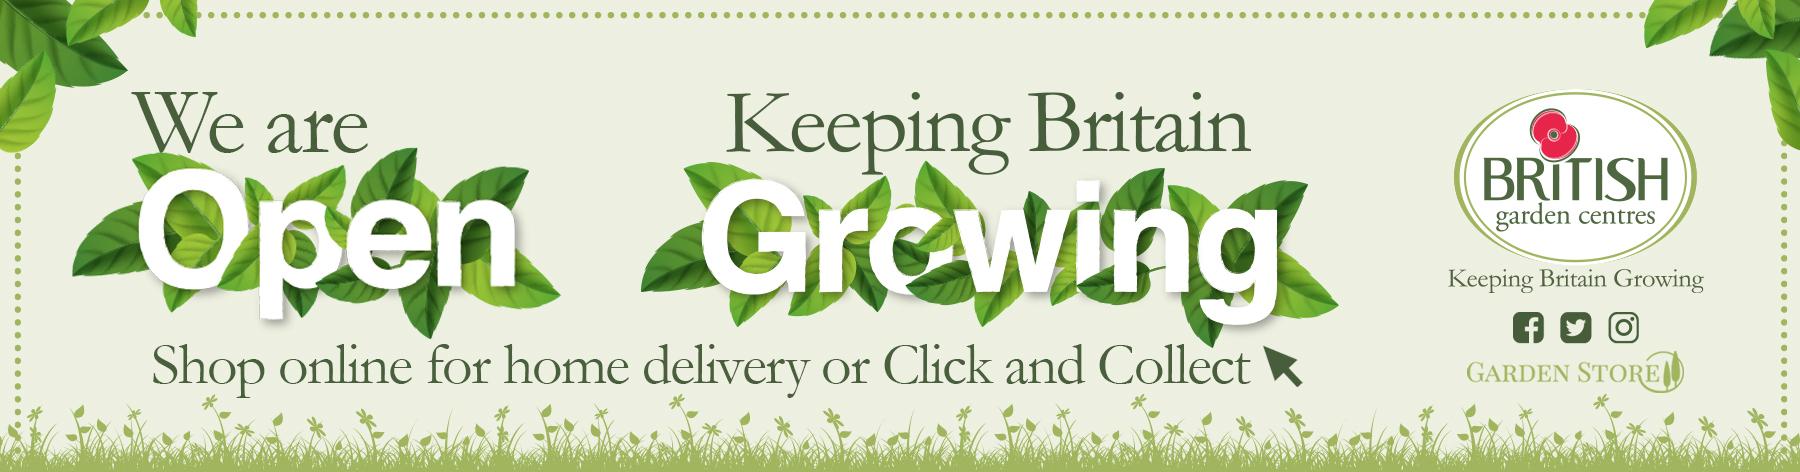 Keeping Britain Growing